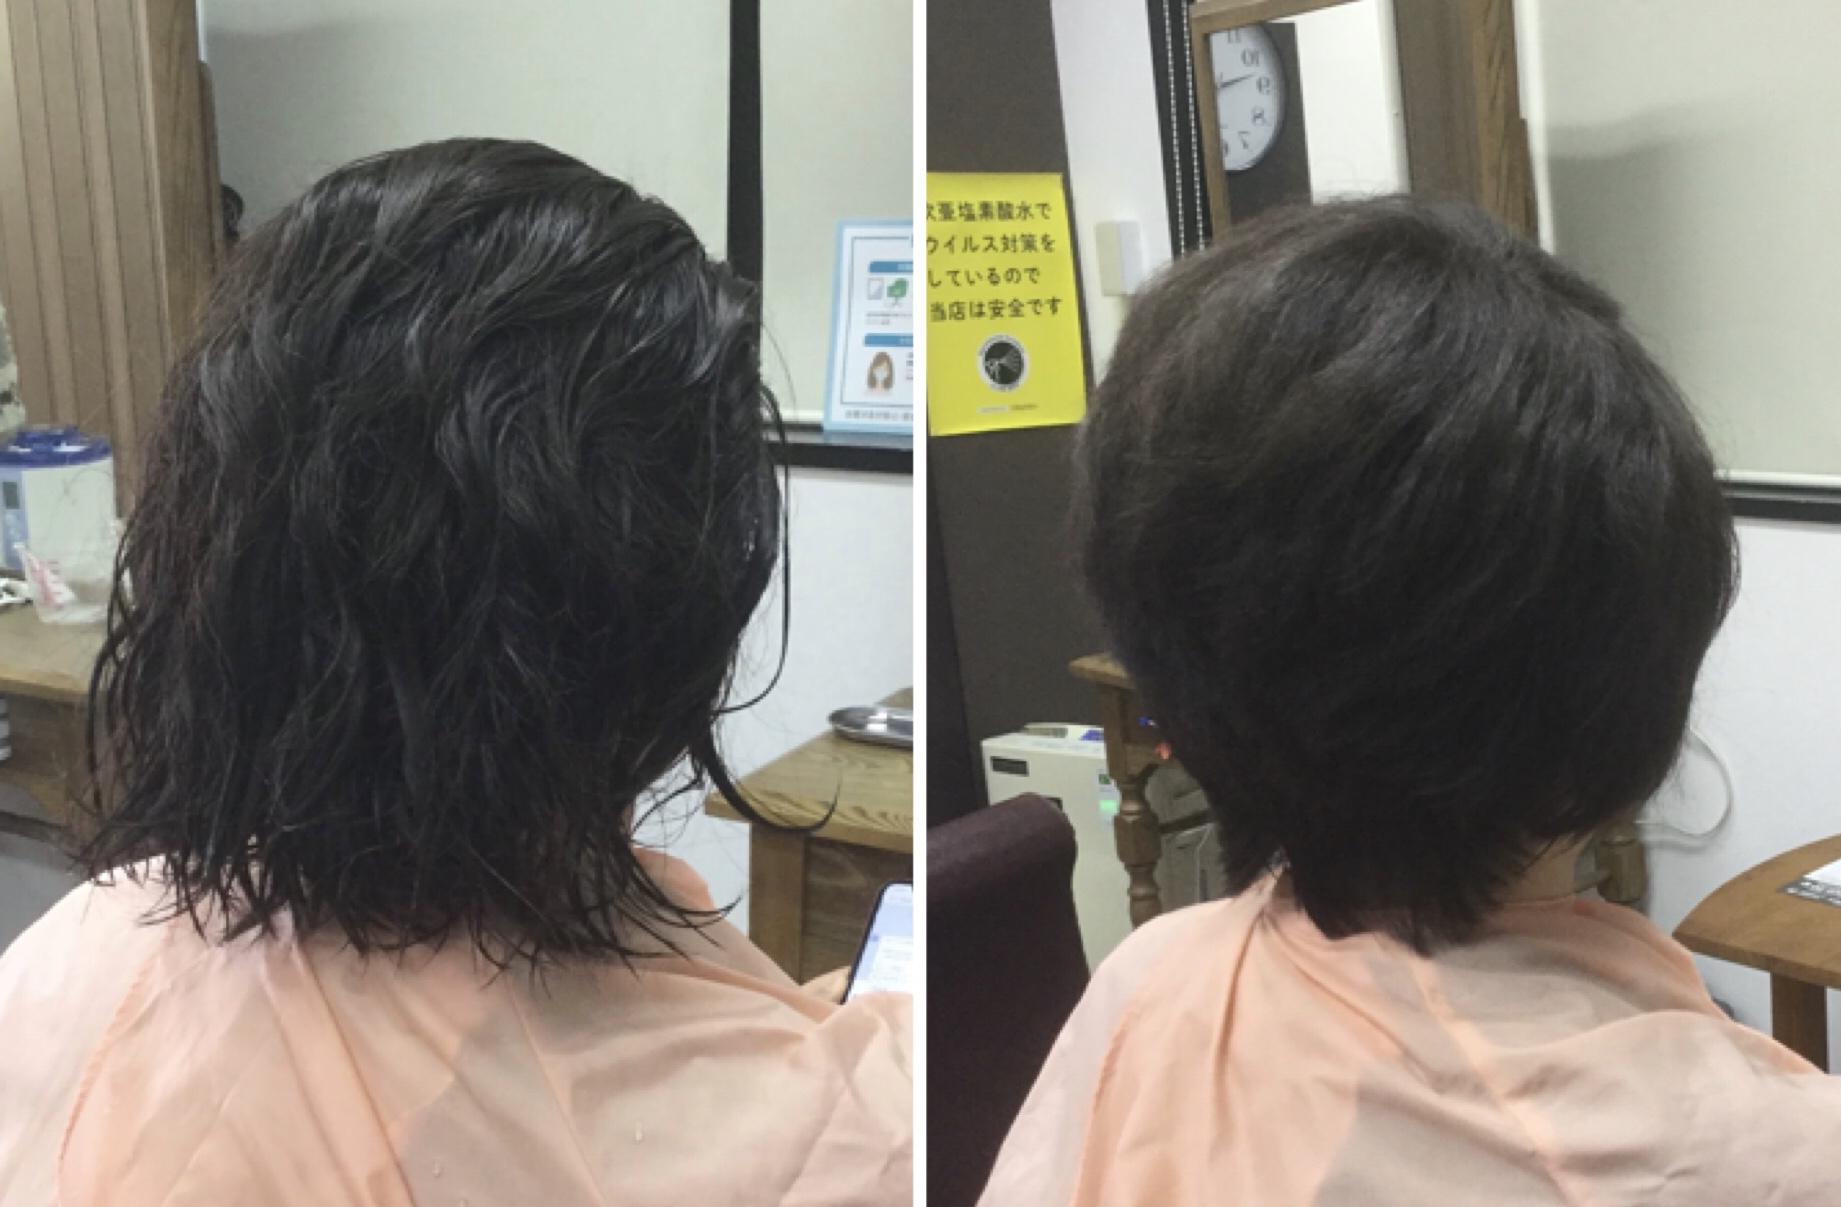 髪質改善カラー?ゴワゴワした手触りが柔らか質感からキュビズムカット®︎で脱縮毛矯正へ